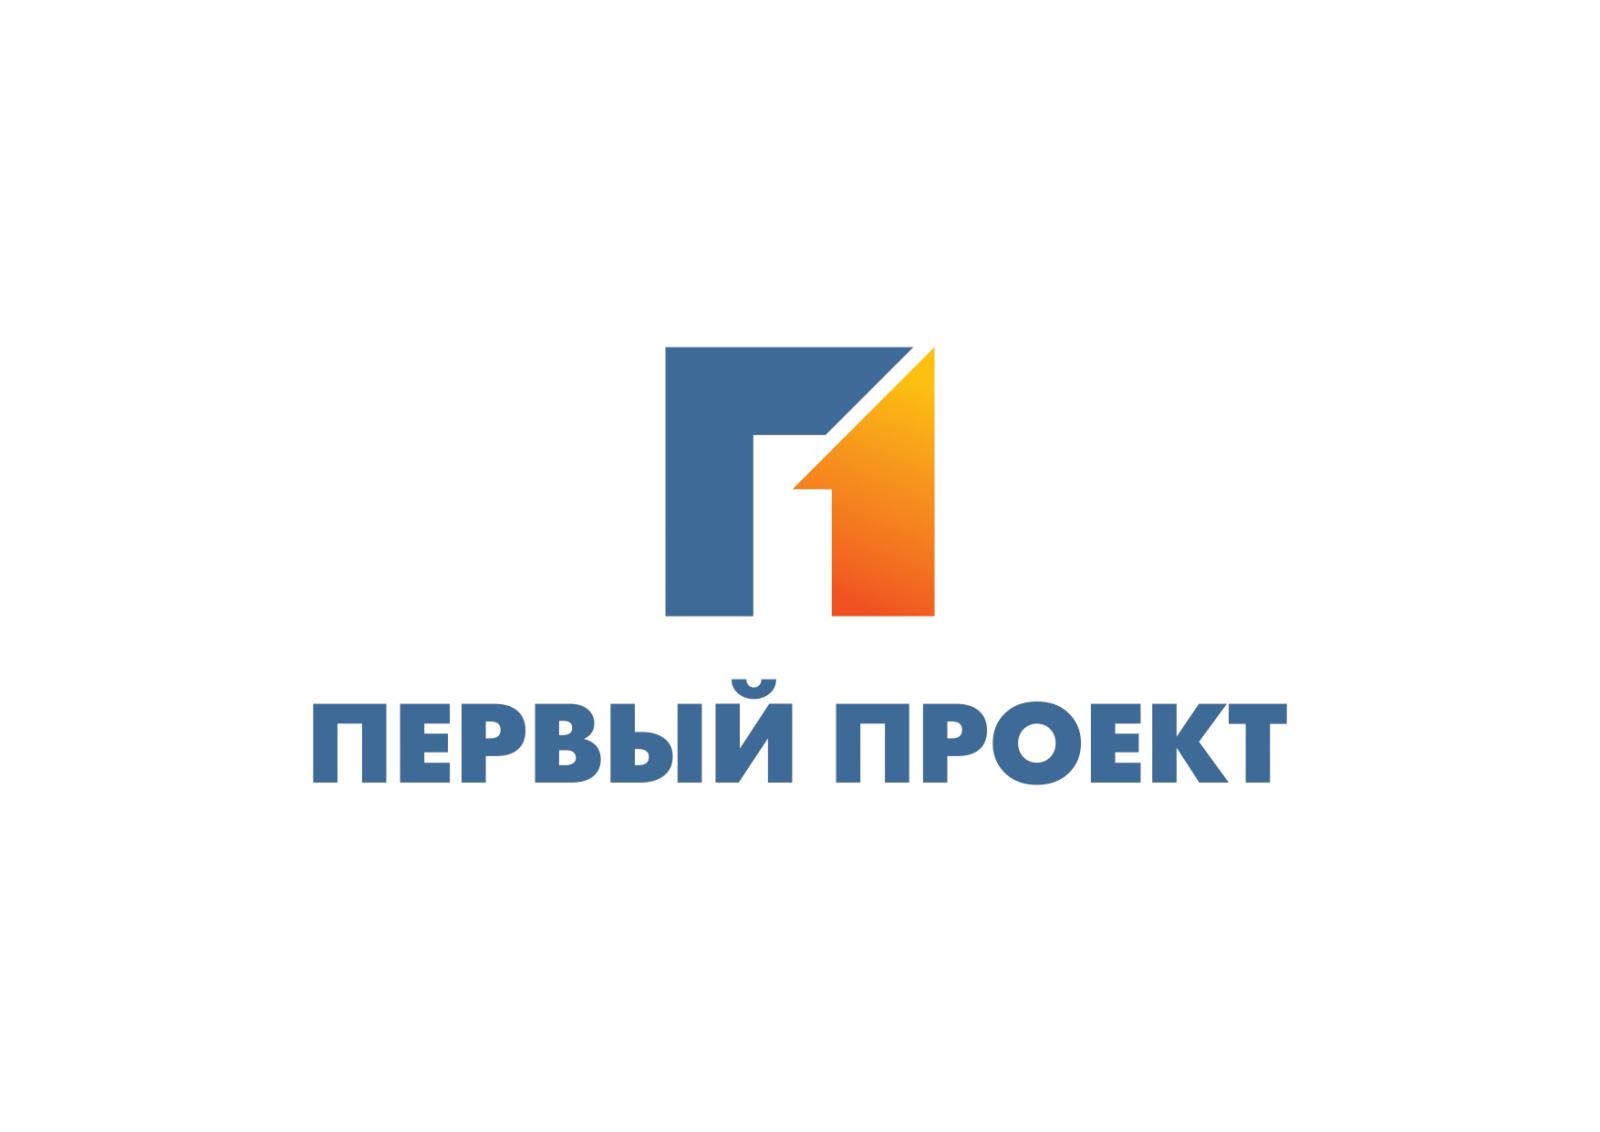 Творческая работа по созданию логотипа Первый Проект